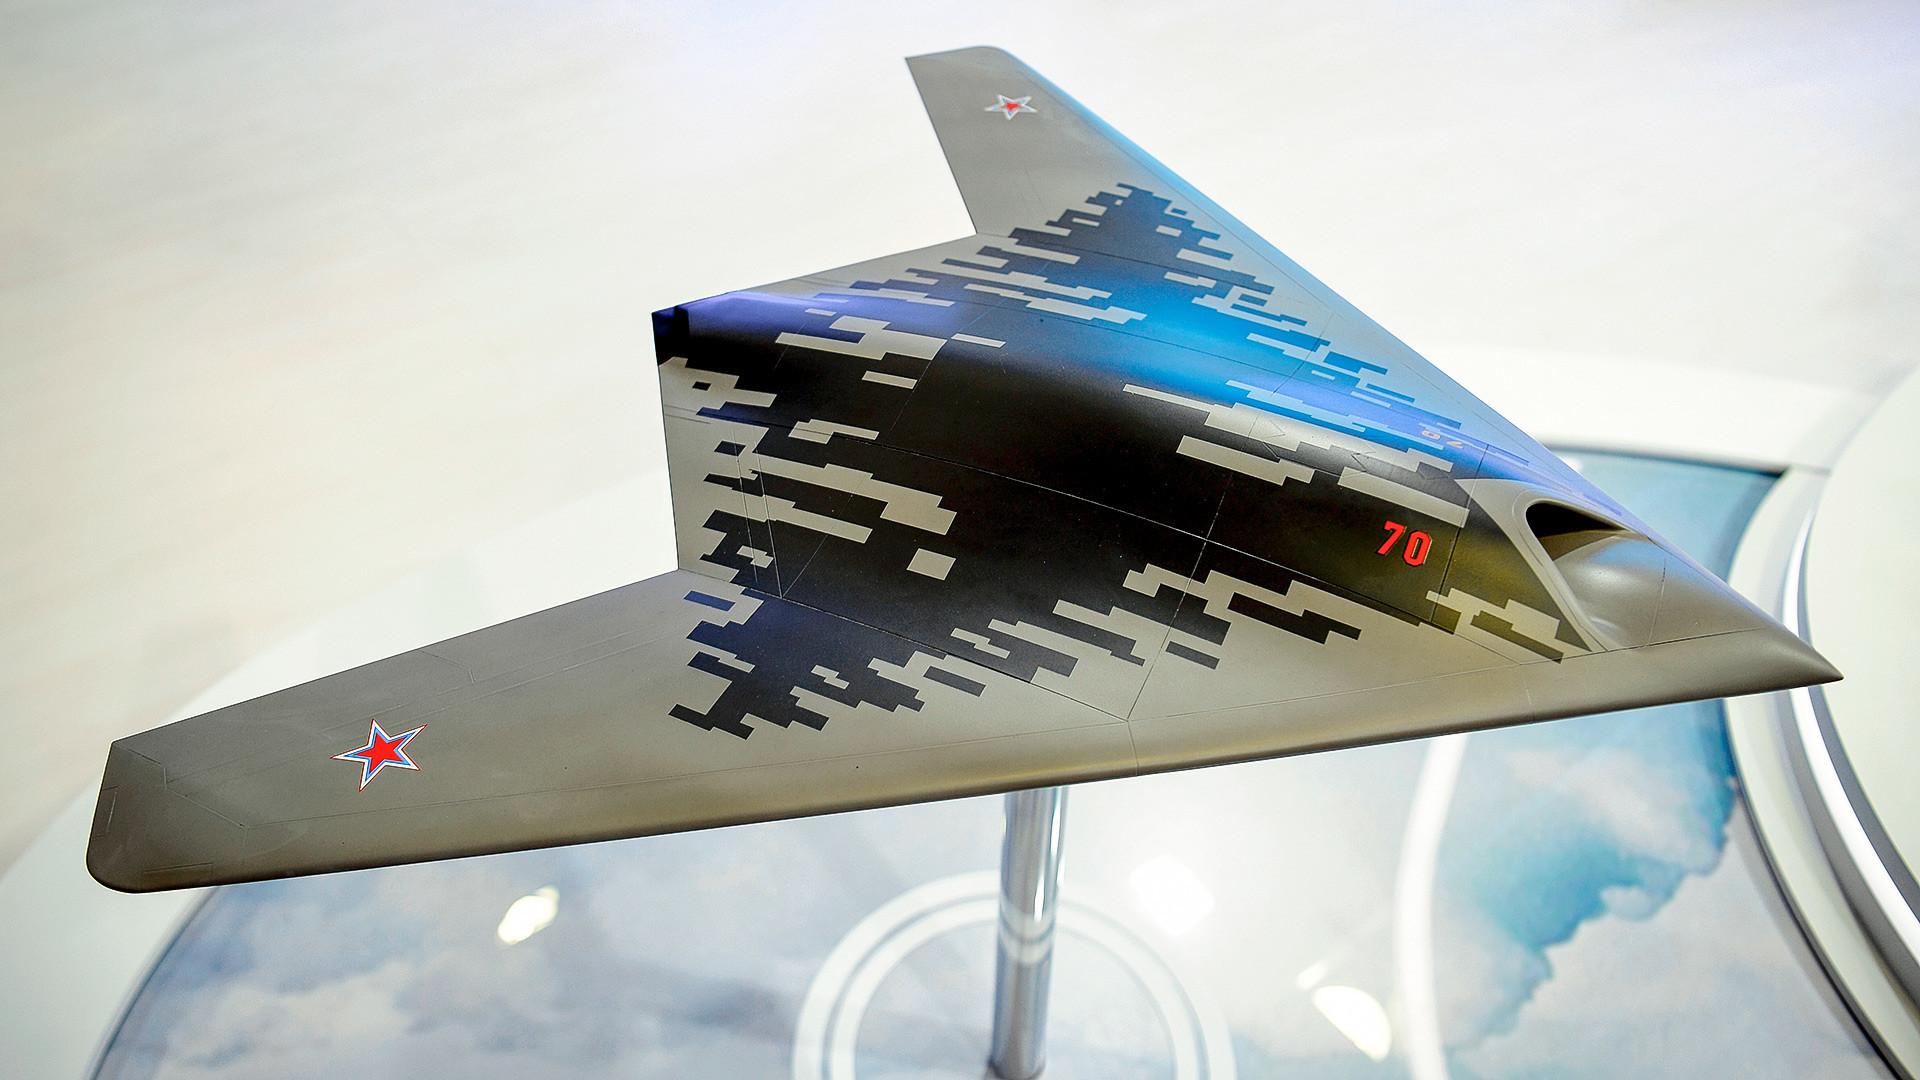 """Макета на беспилотното летало С-70 """"Охотник"""" на меѓународната авио-космичка изложба МАКС-2019 во Жуковски, Подмосковје."""